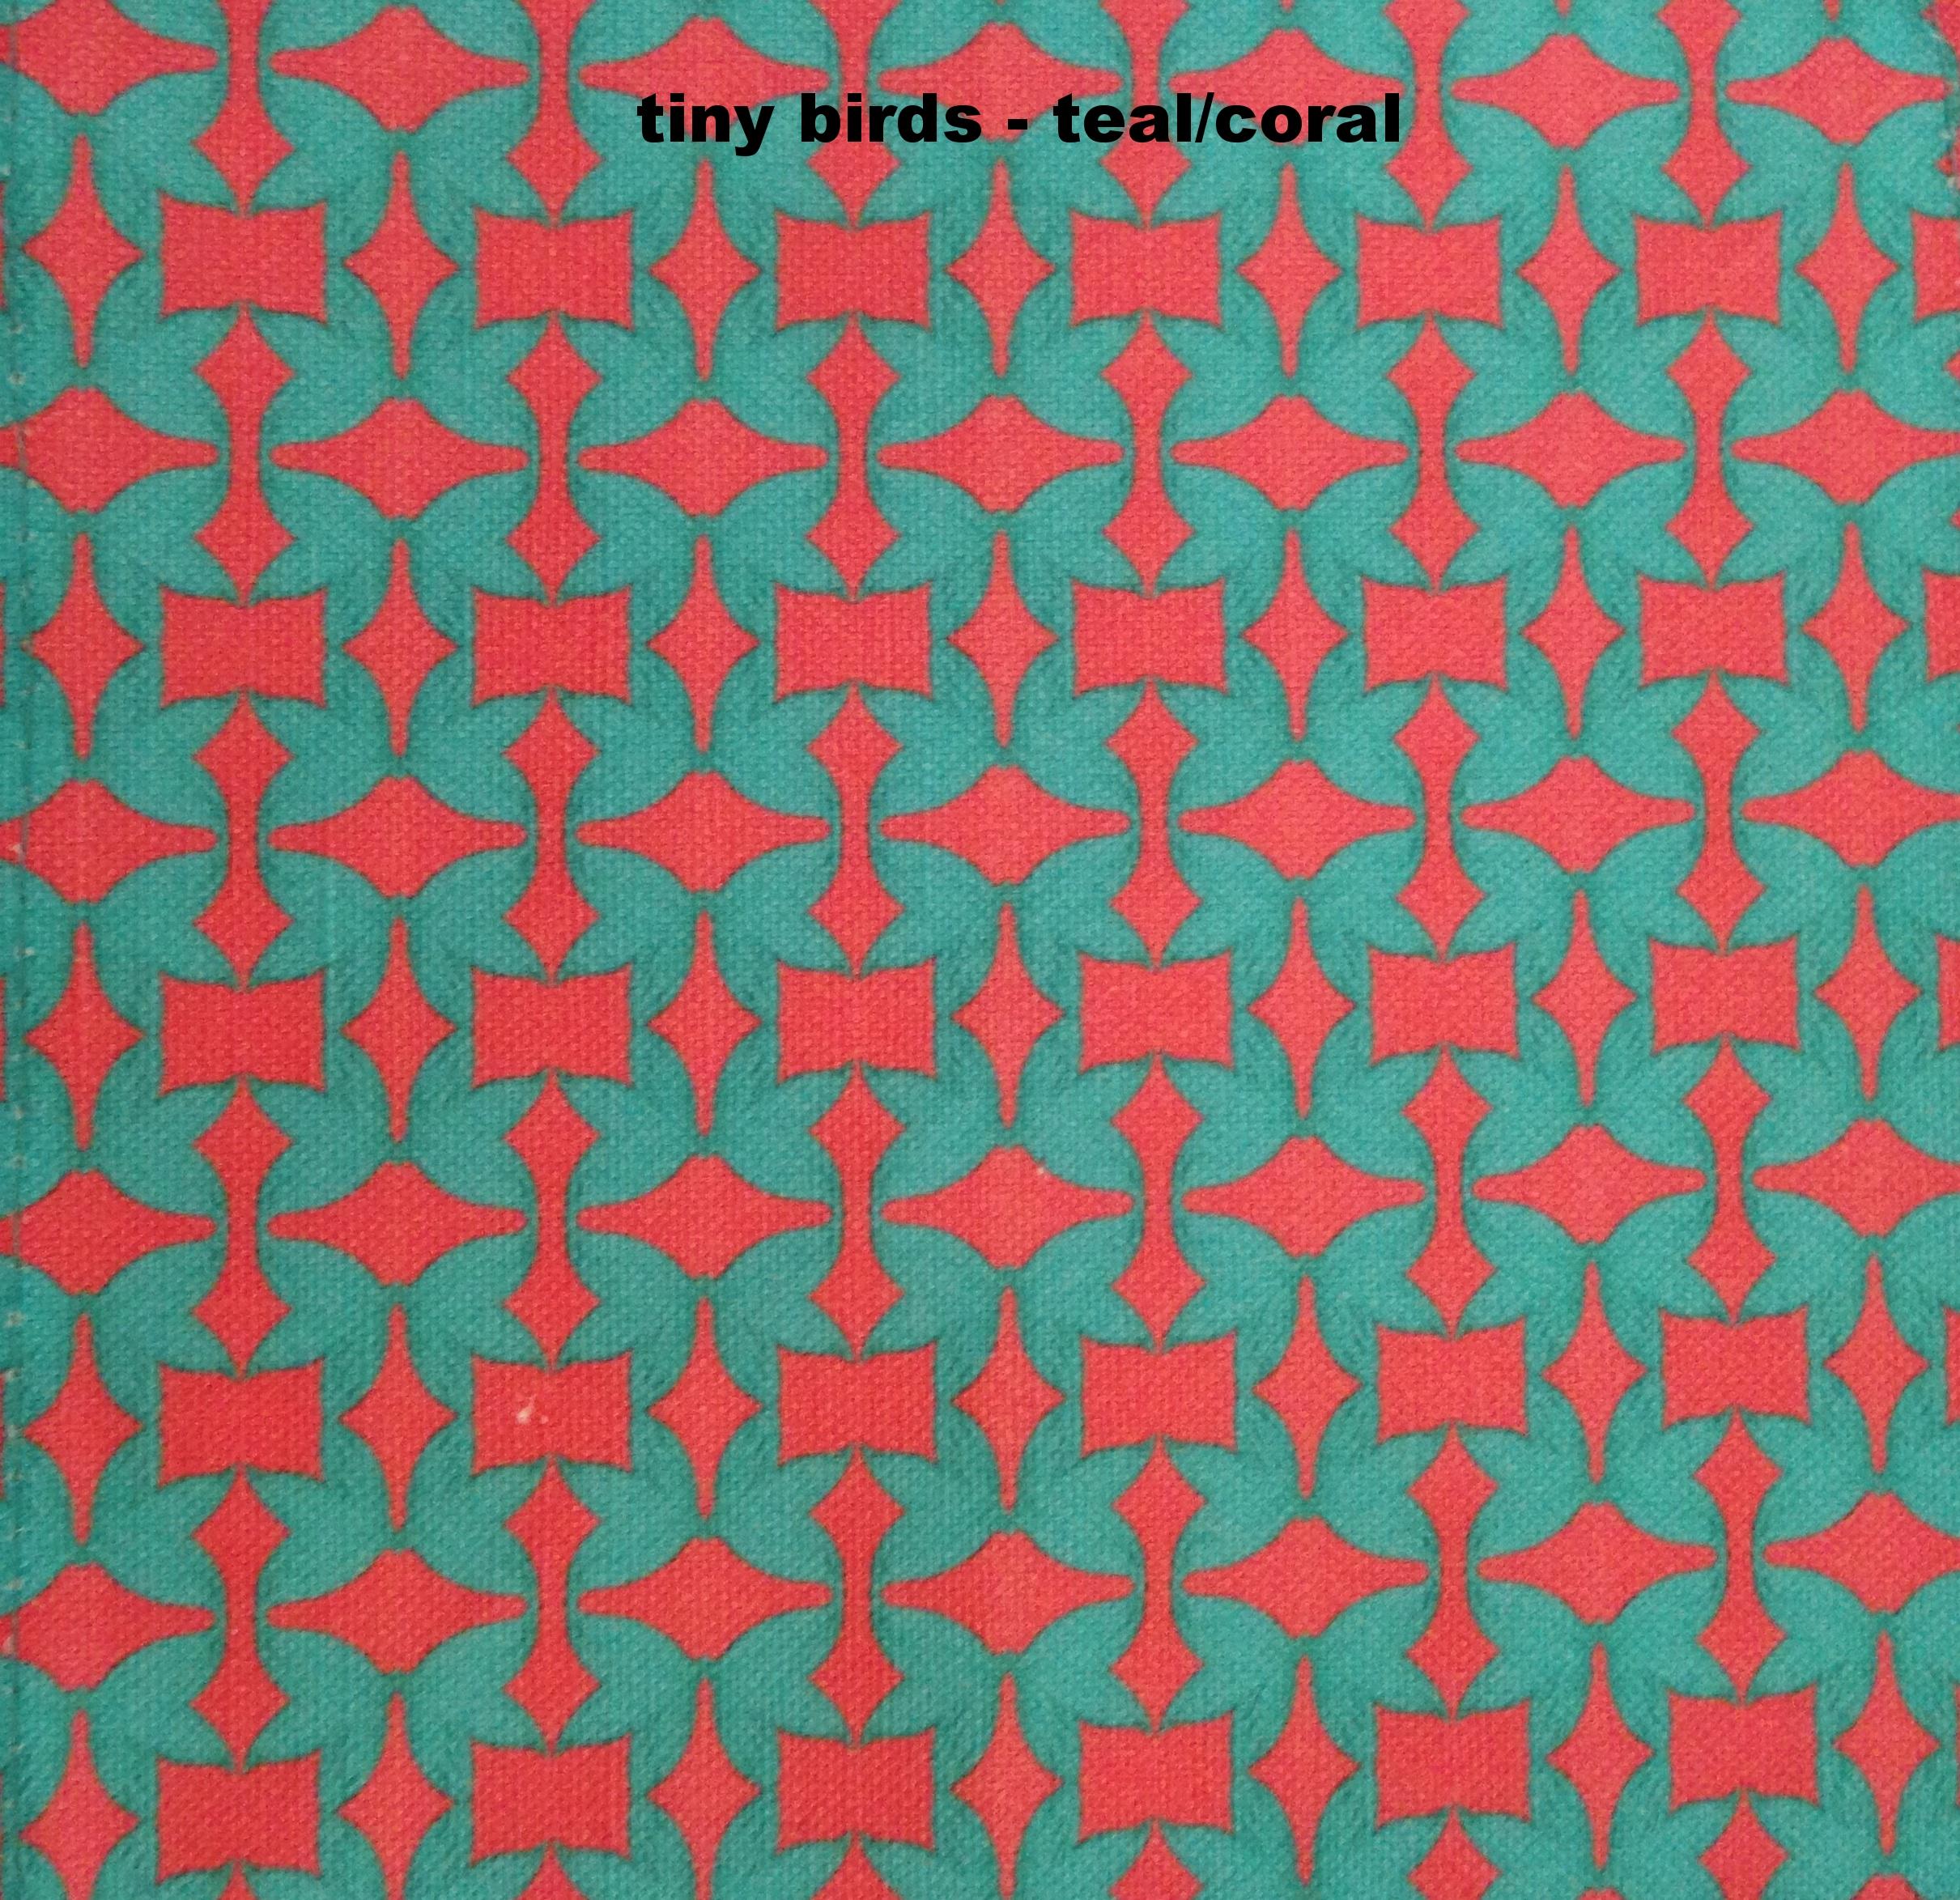 tiny birds- coral/teal